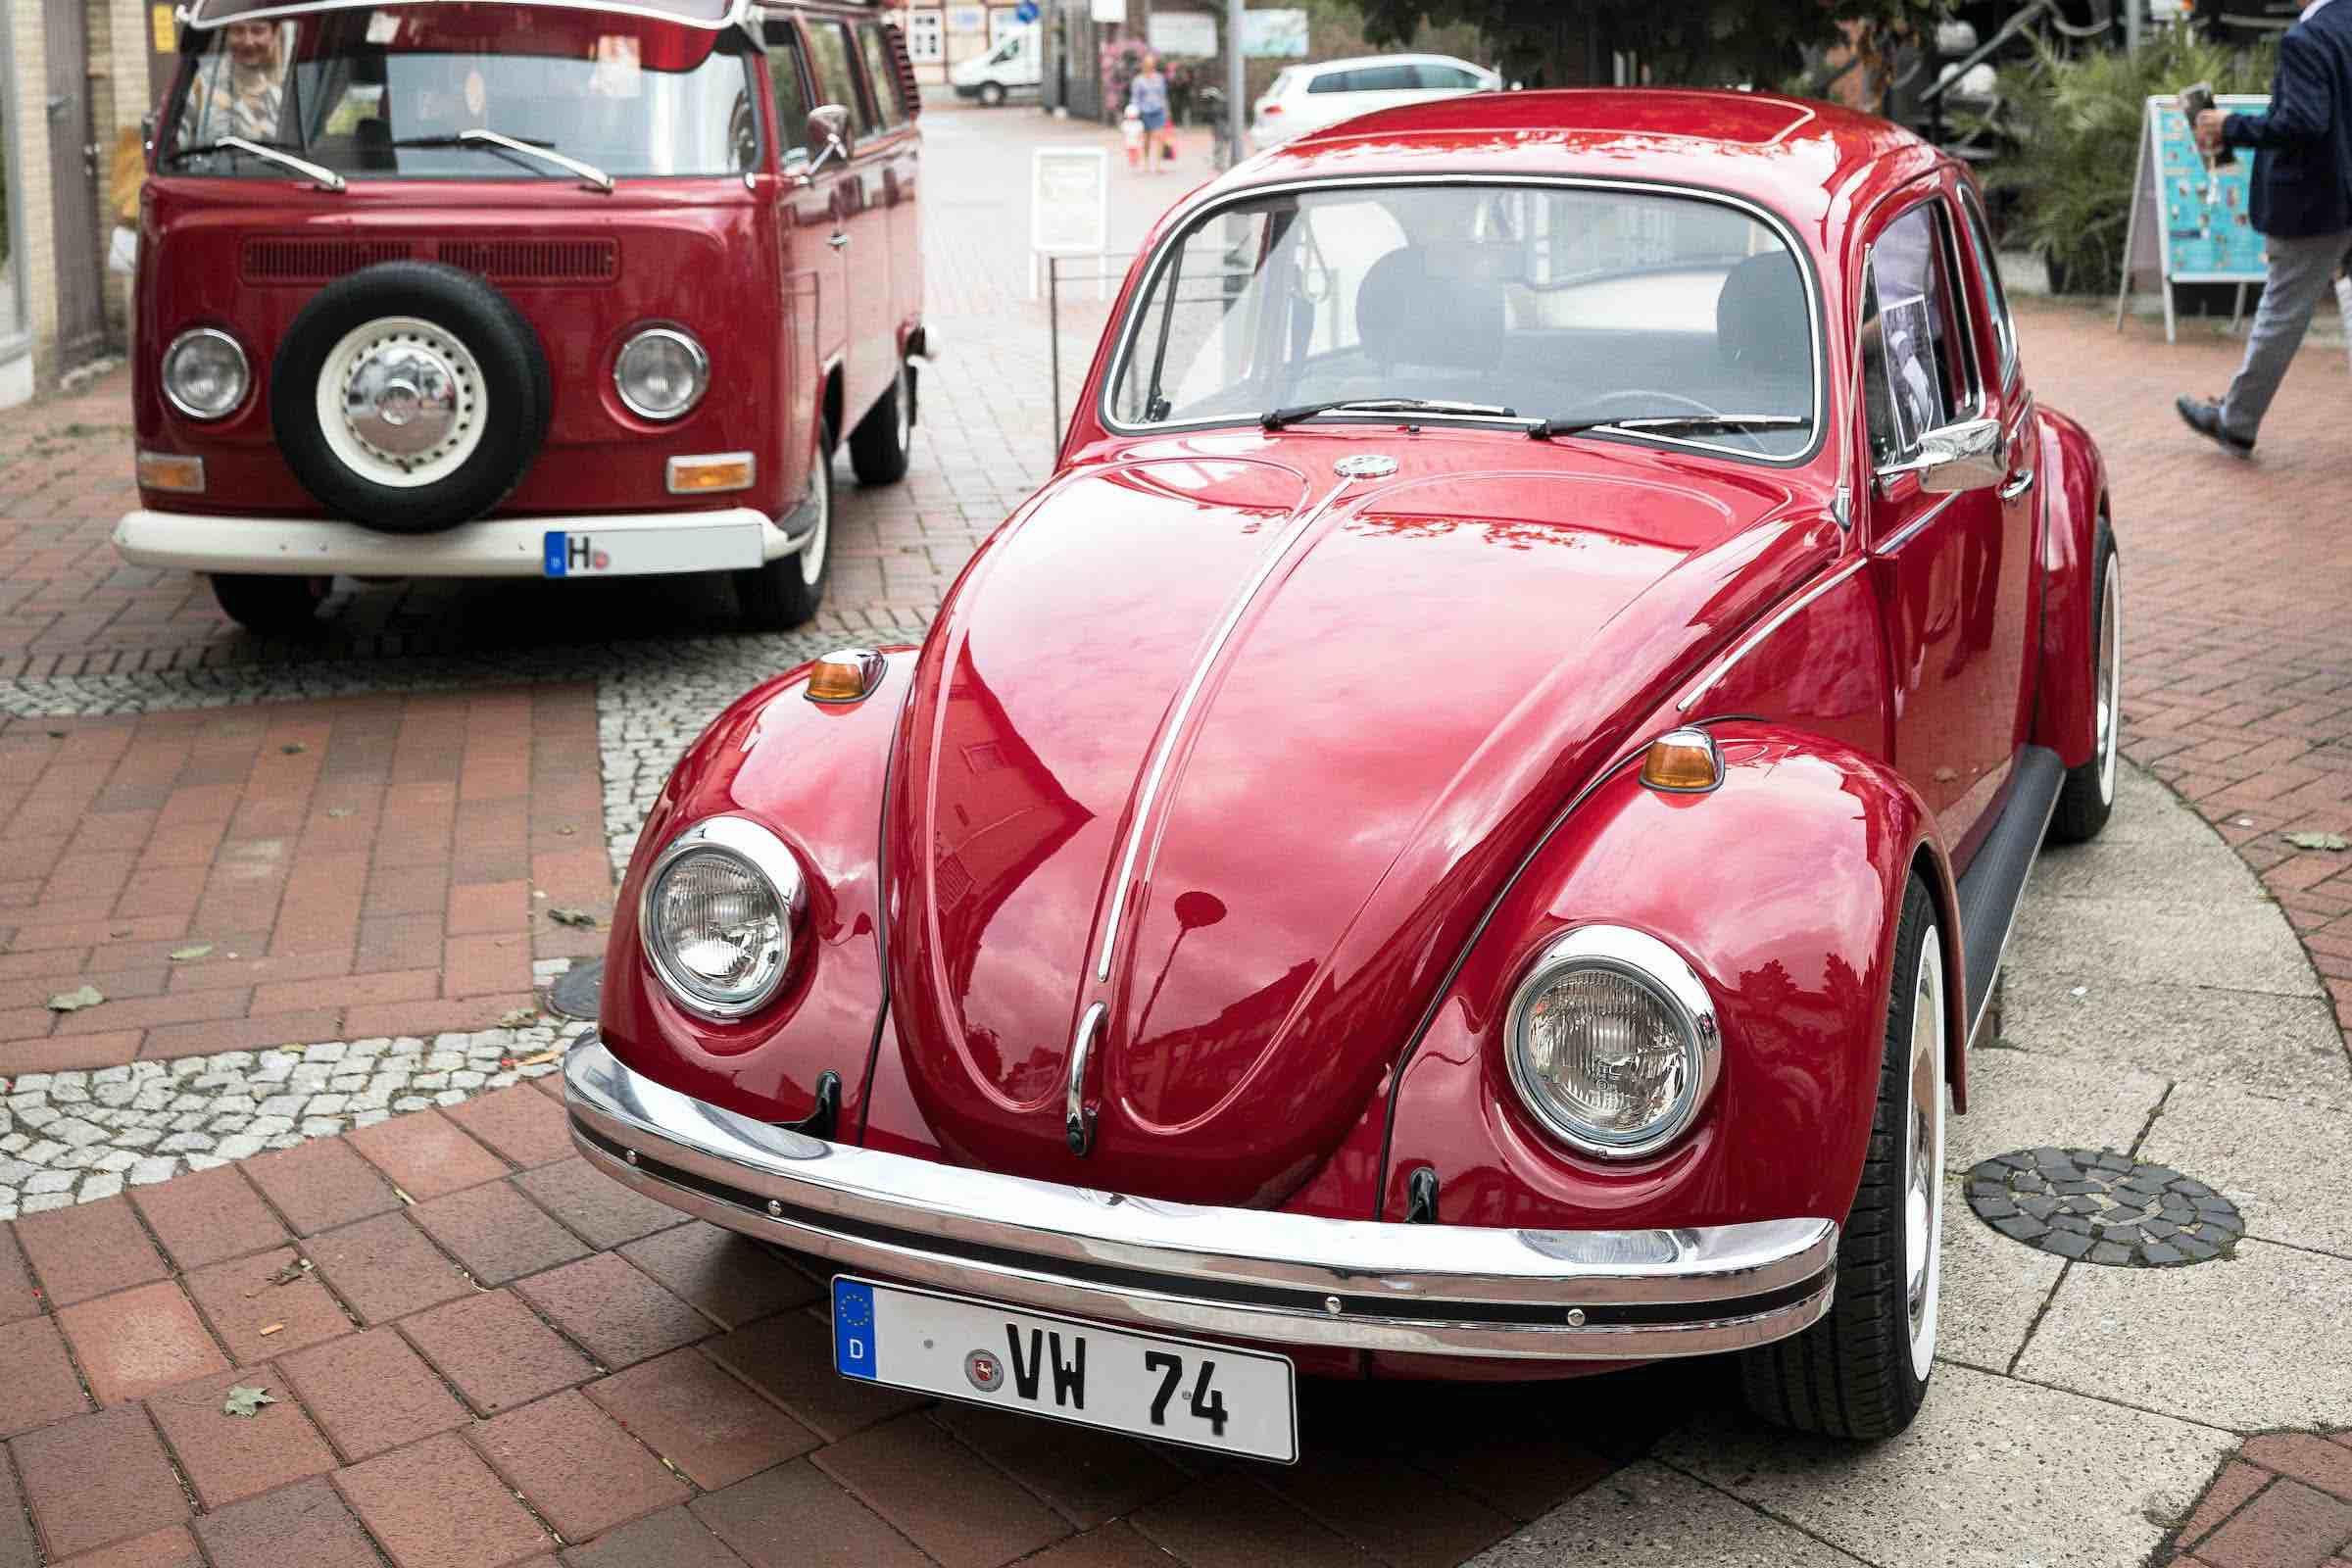 Oldtimer | Fahrzeug | VW | Käfer | VW | Bulli | Hochzeitsauto | Brautwagen | Classic | Car | Verleih | Vermietung | Hochzeit | Event | Mieten | Buchen | Leihen